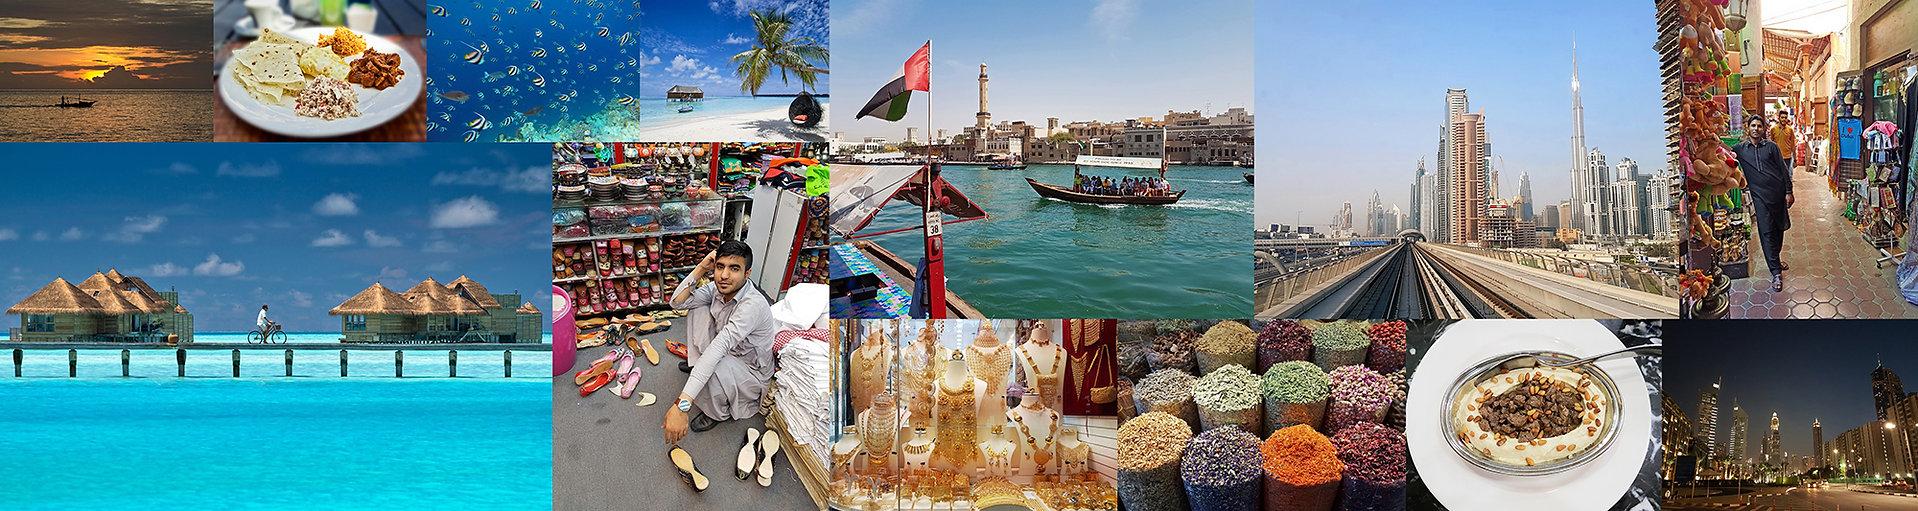 Poznávací zájezd Maledivy a Dubaj